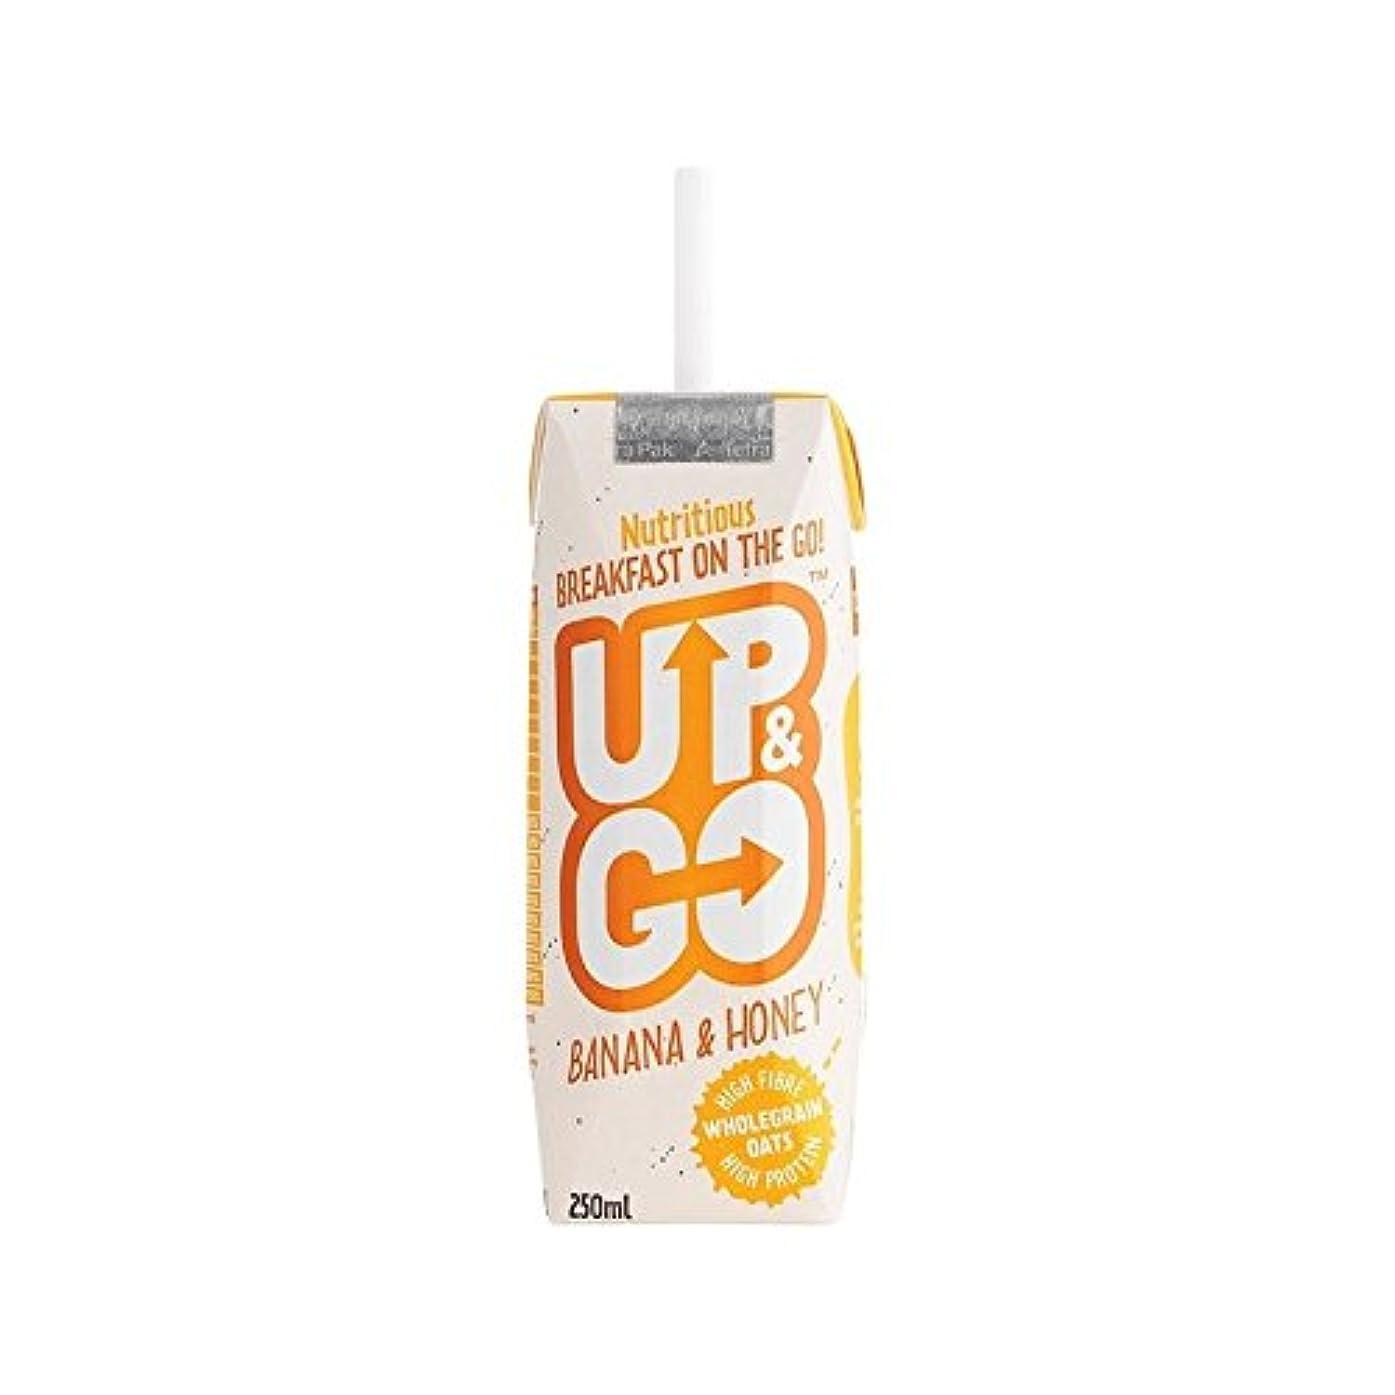 拳マウントバンクソフトウェアオート麦の250ミリリットルとバナナ&ハニー朝食ドリンク (Up&Go) (x 2) - Up&Go Banana & Honey Breakfast Drink with Oats 250ml (Pack of 2)...